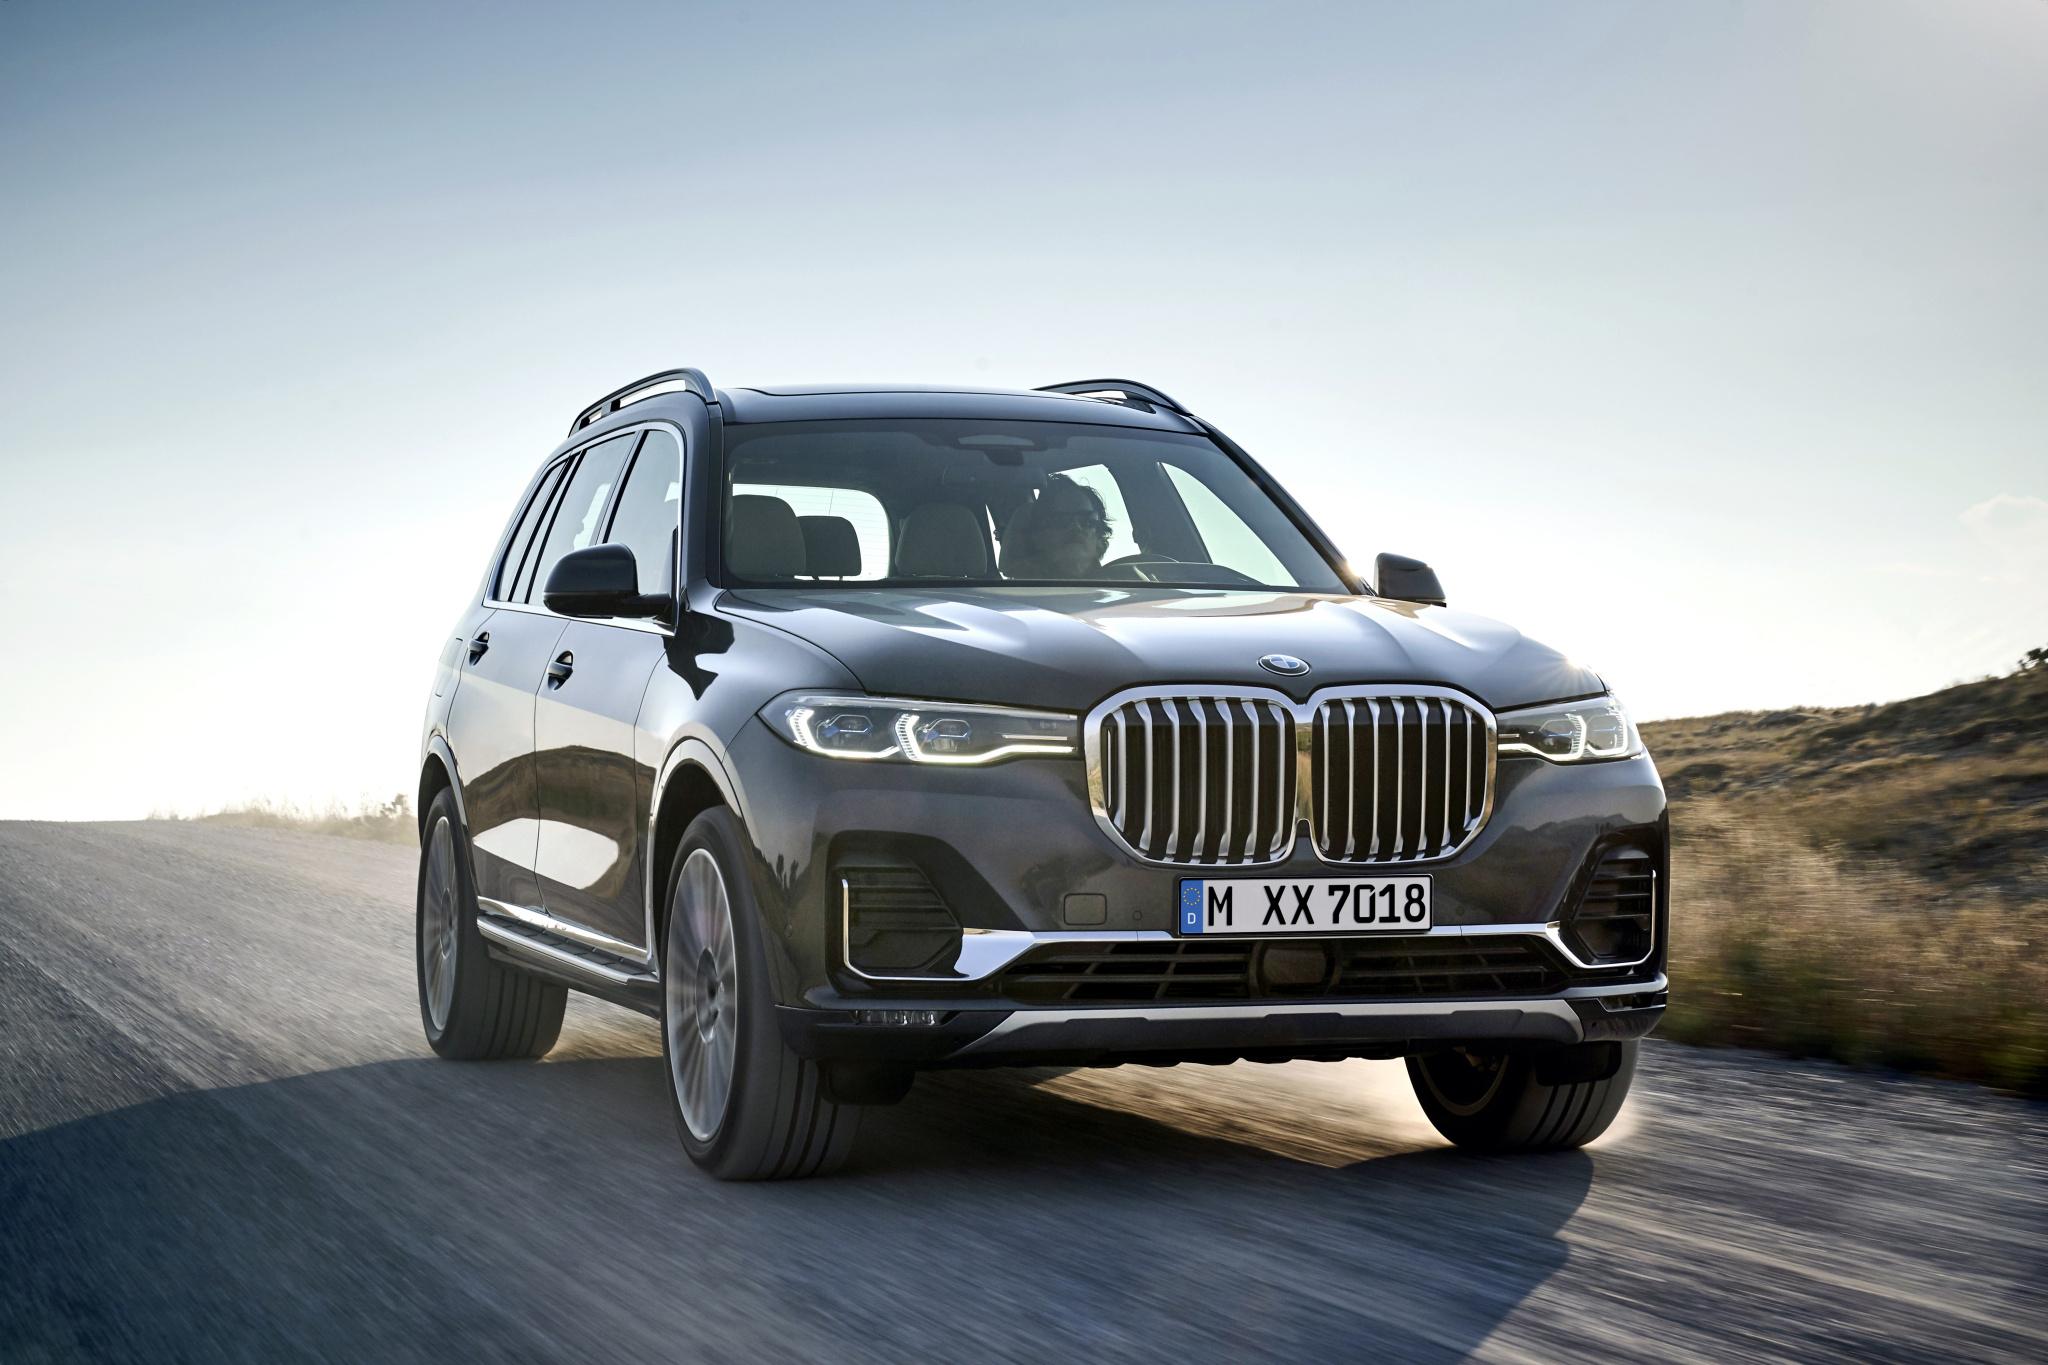 42135a8ba5 Nové BMW X7 predstavuje ďalší krok v nadchádzajúcej modelovej ofenzíve  výrobcu v luxusnom segmente. Všestrannejšia ponuka v tejto triede a  systematické ...